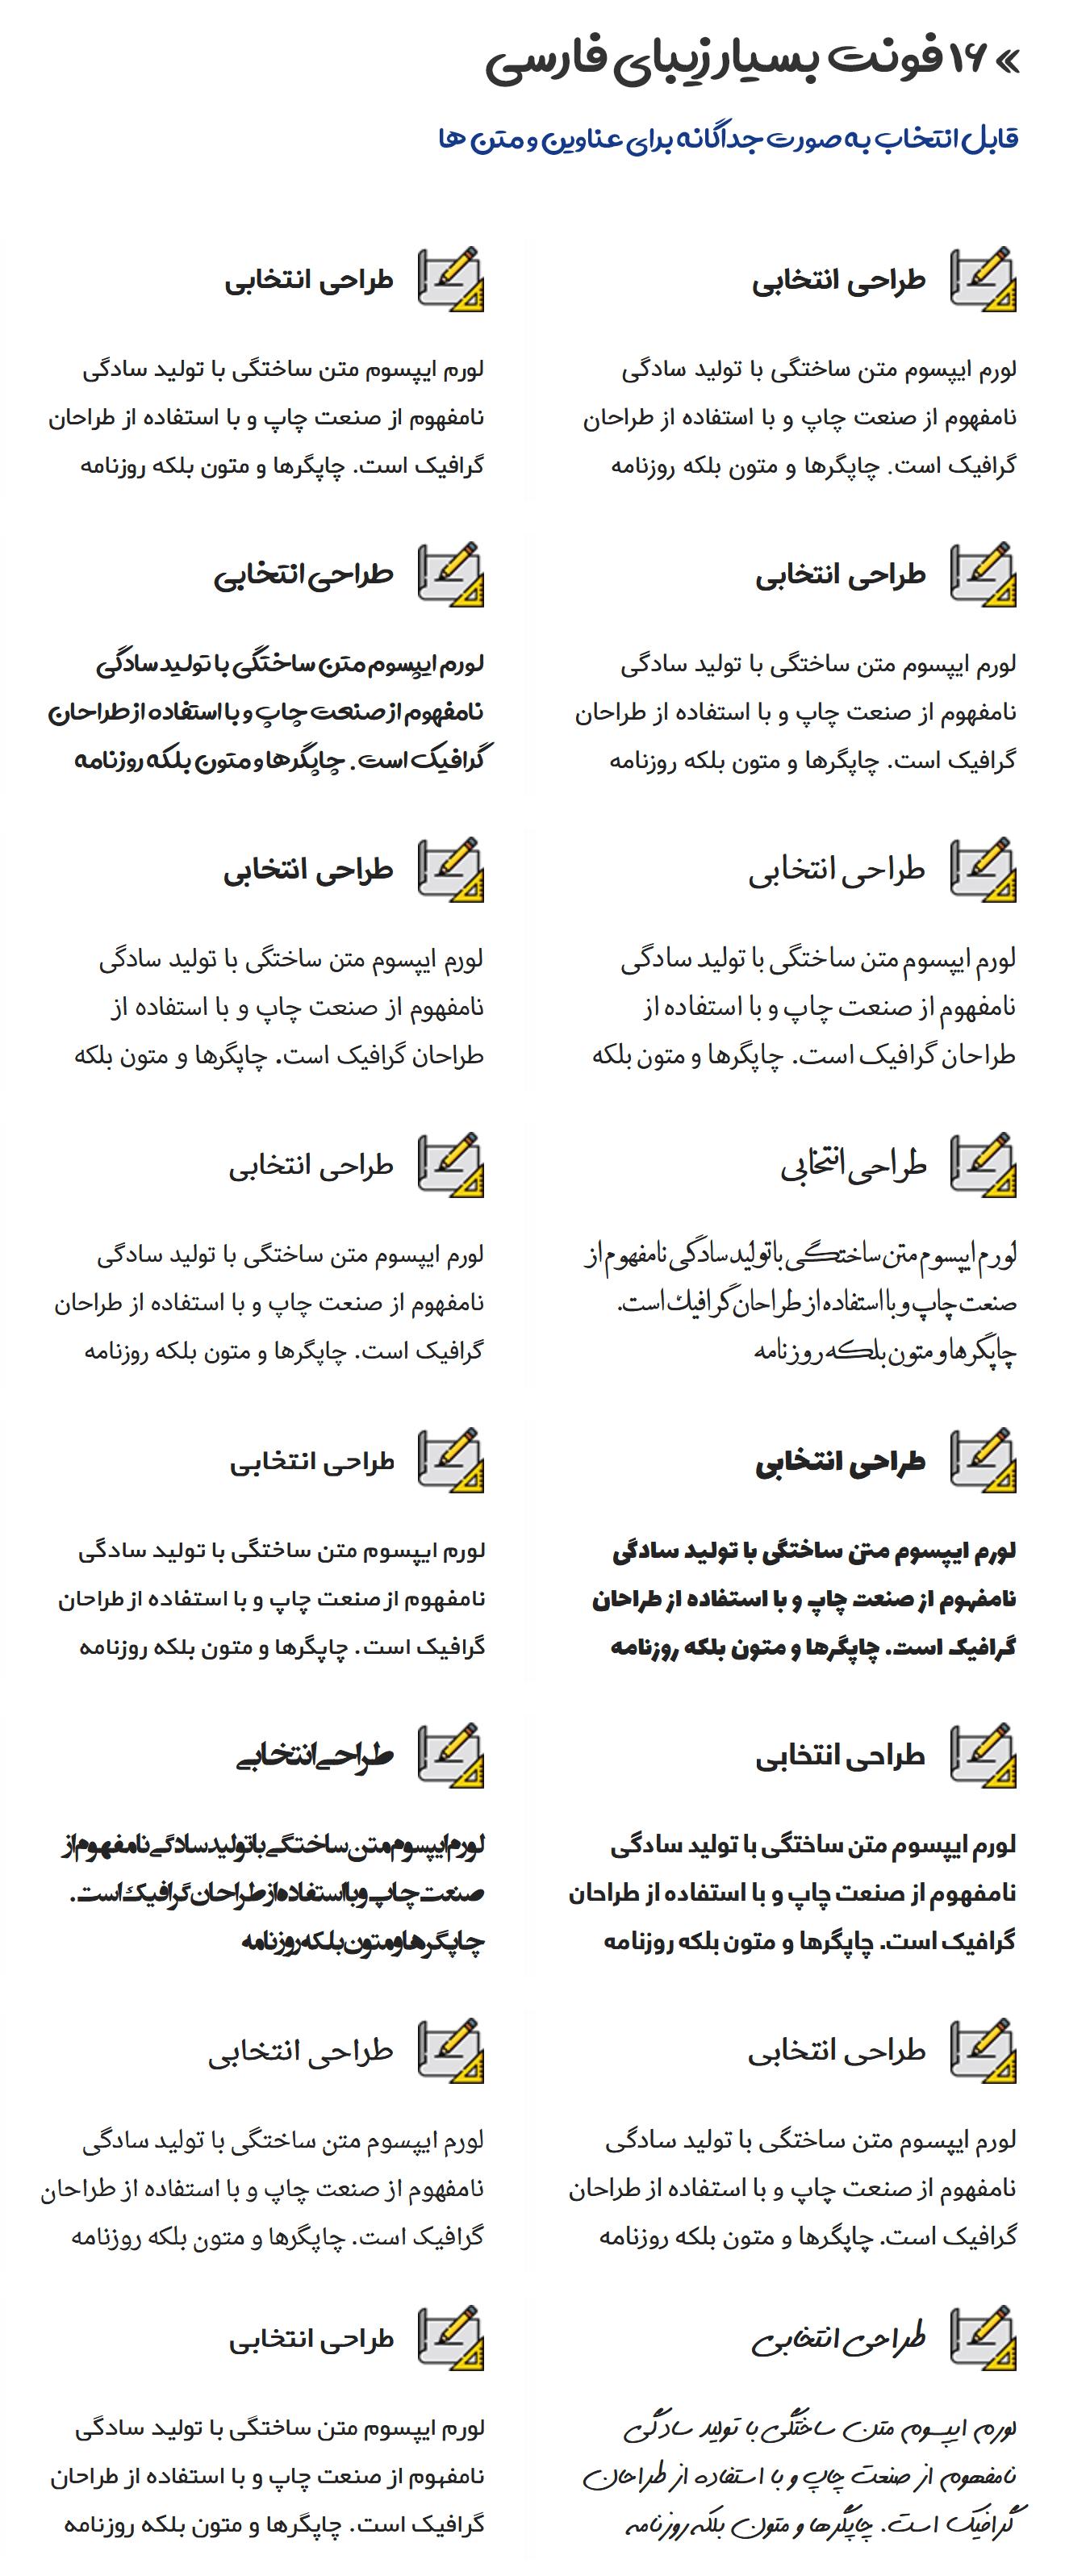 قالب HTML معرفی اپلیکیشن Novable همراه با 16 فونت فارسی